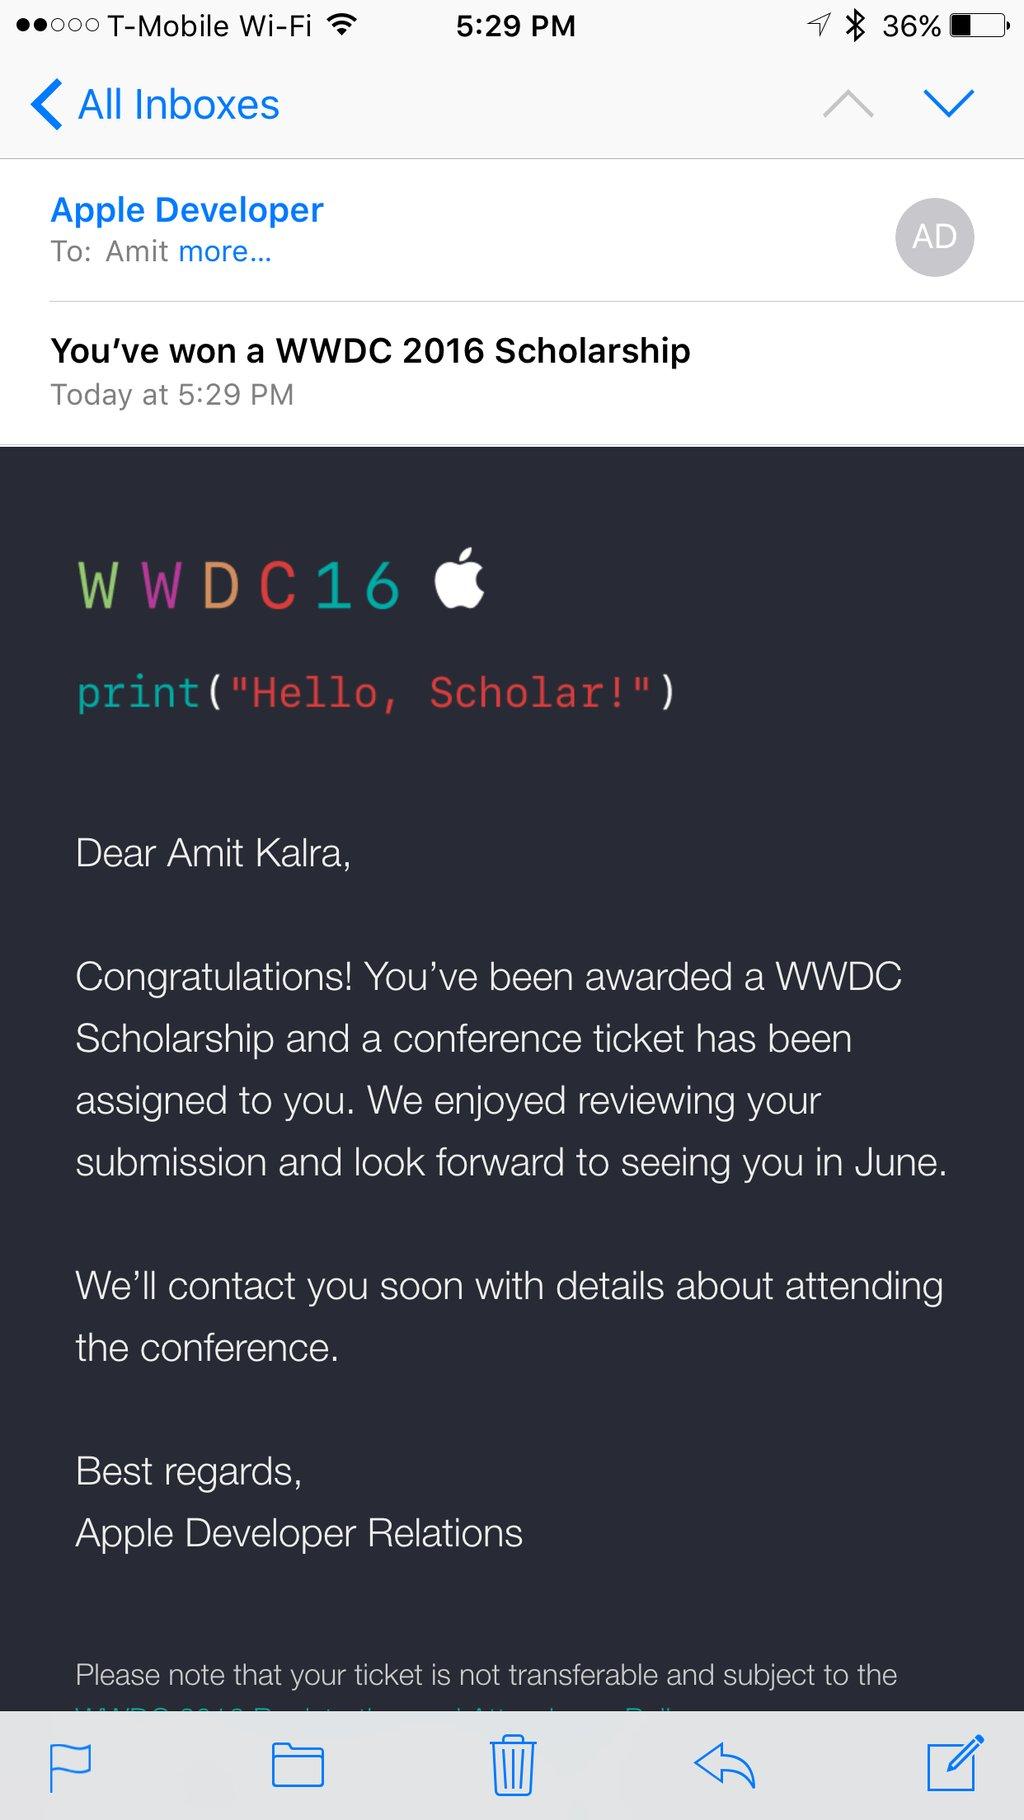 Apple Informiert WWDC-Stipendiaten 2016 › Macerkopf